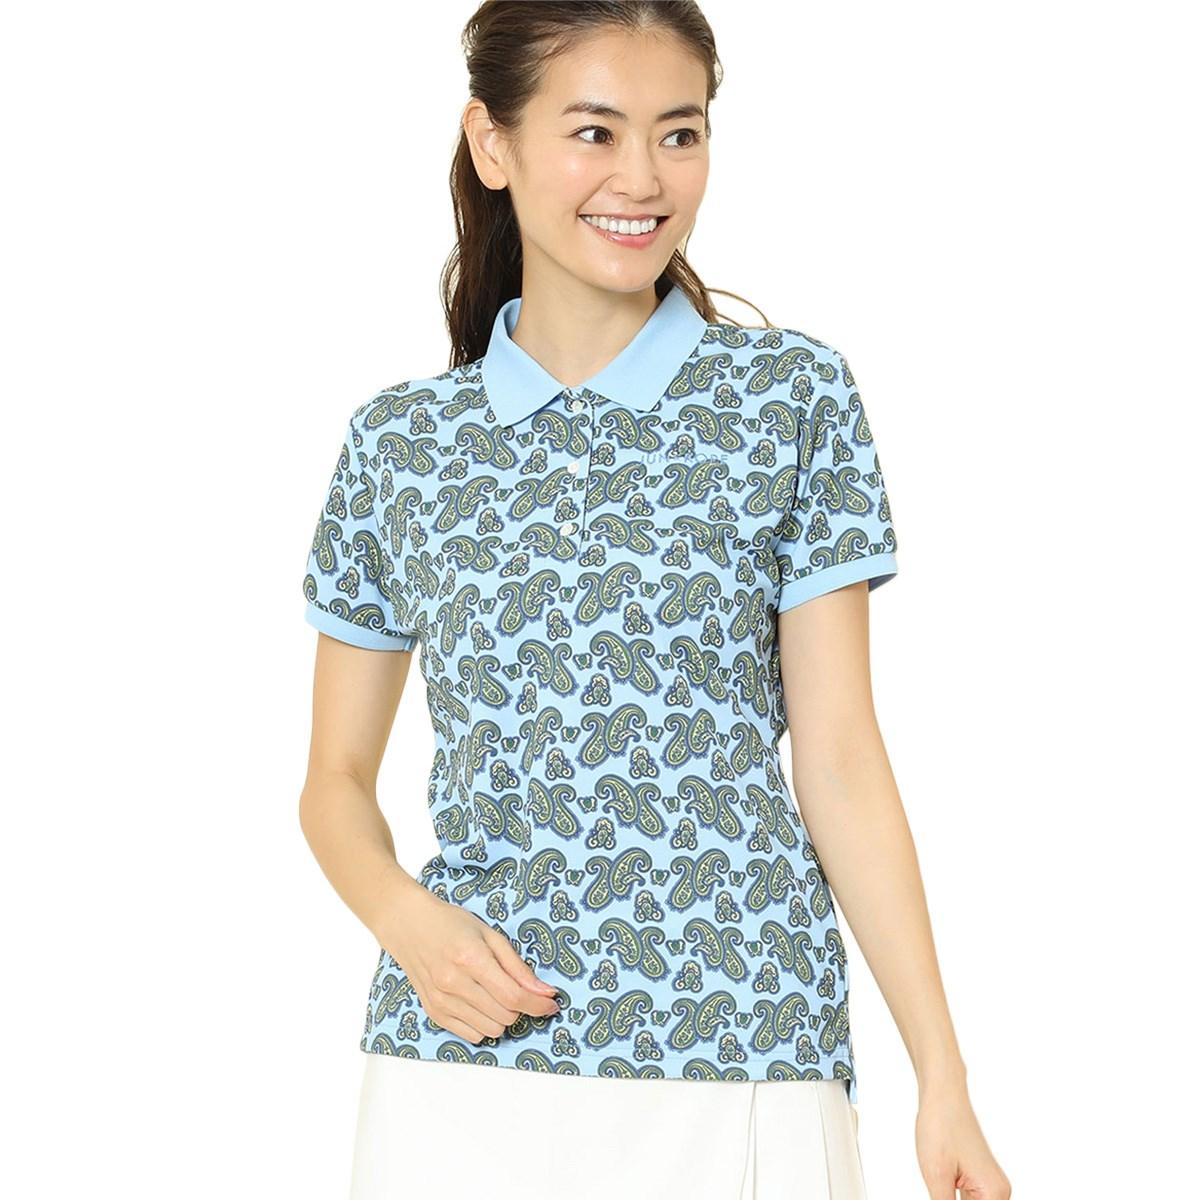 ジュン アンド ロペ JUN & ROPE ペイズリー柄プリント半袖ポロシャツ S ブルー 48 レディス